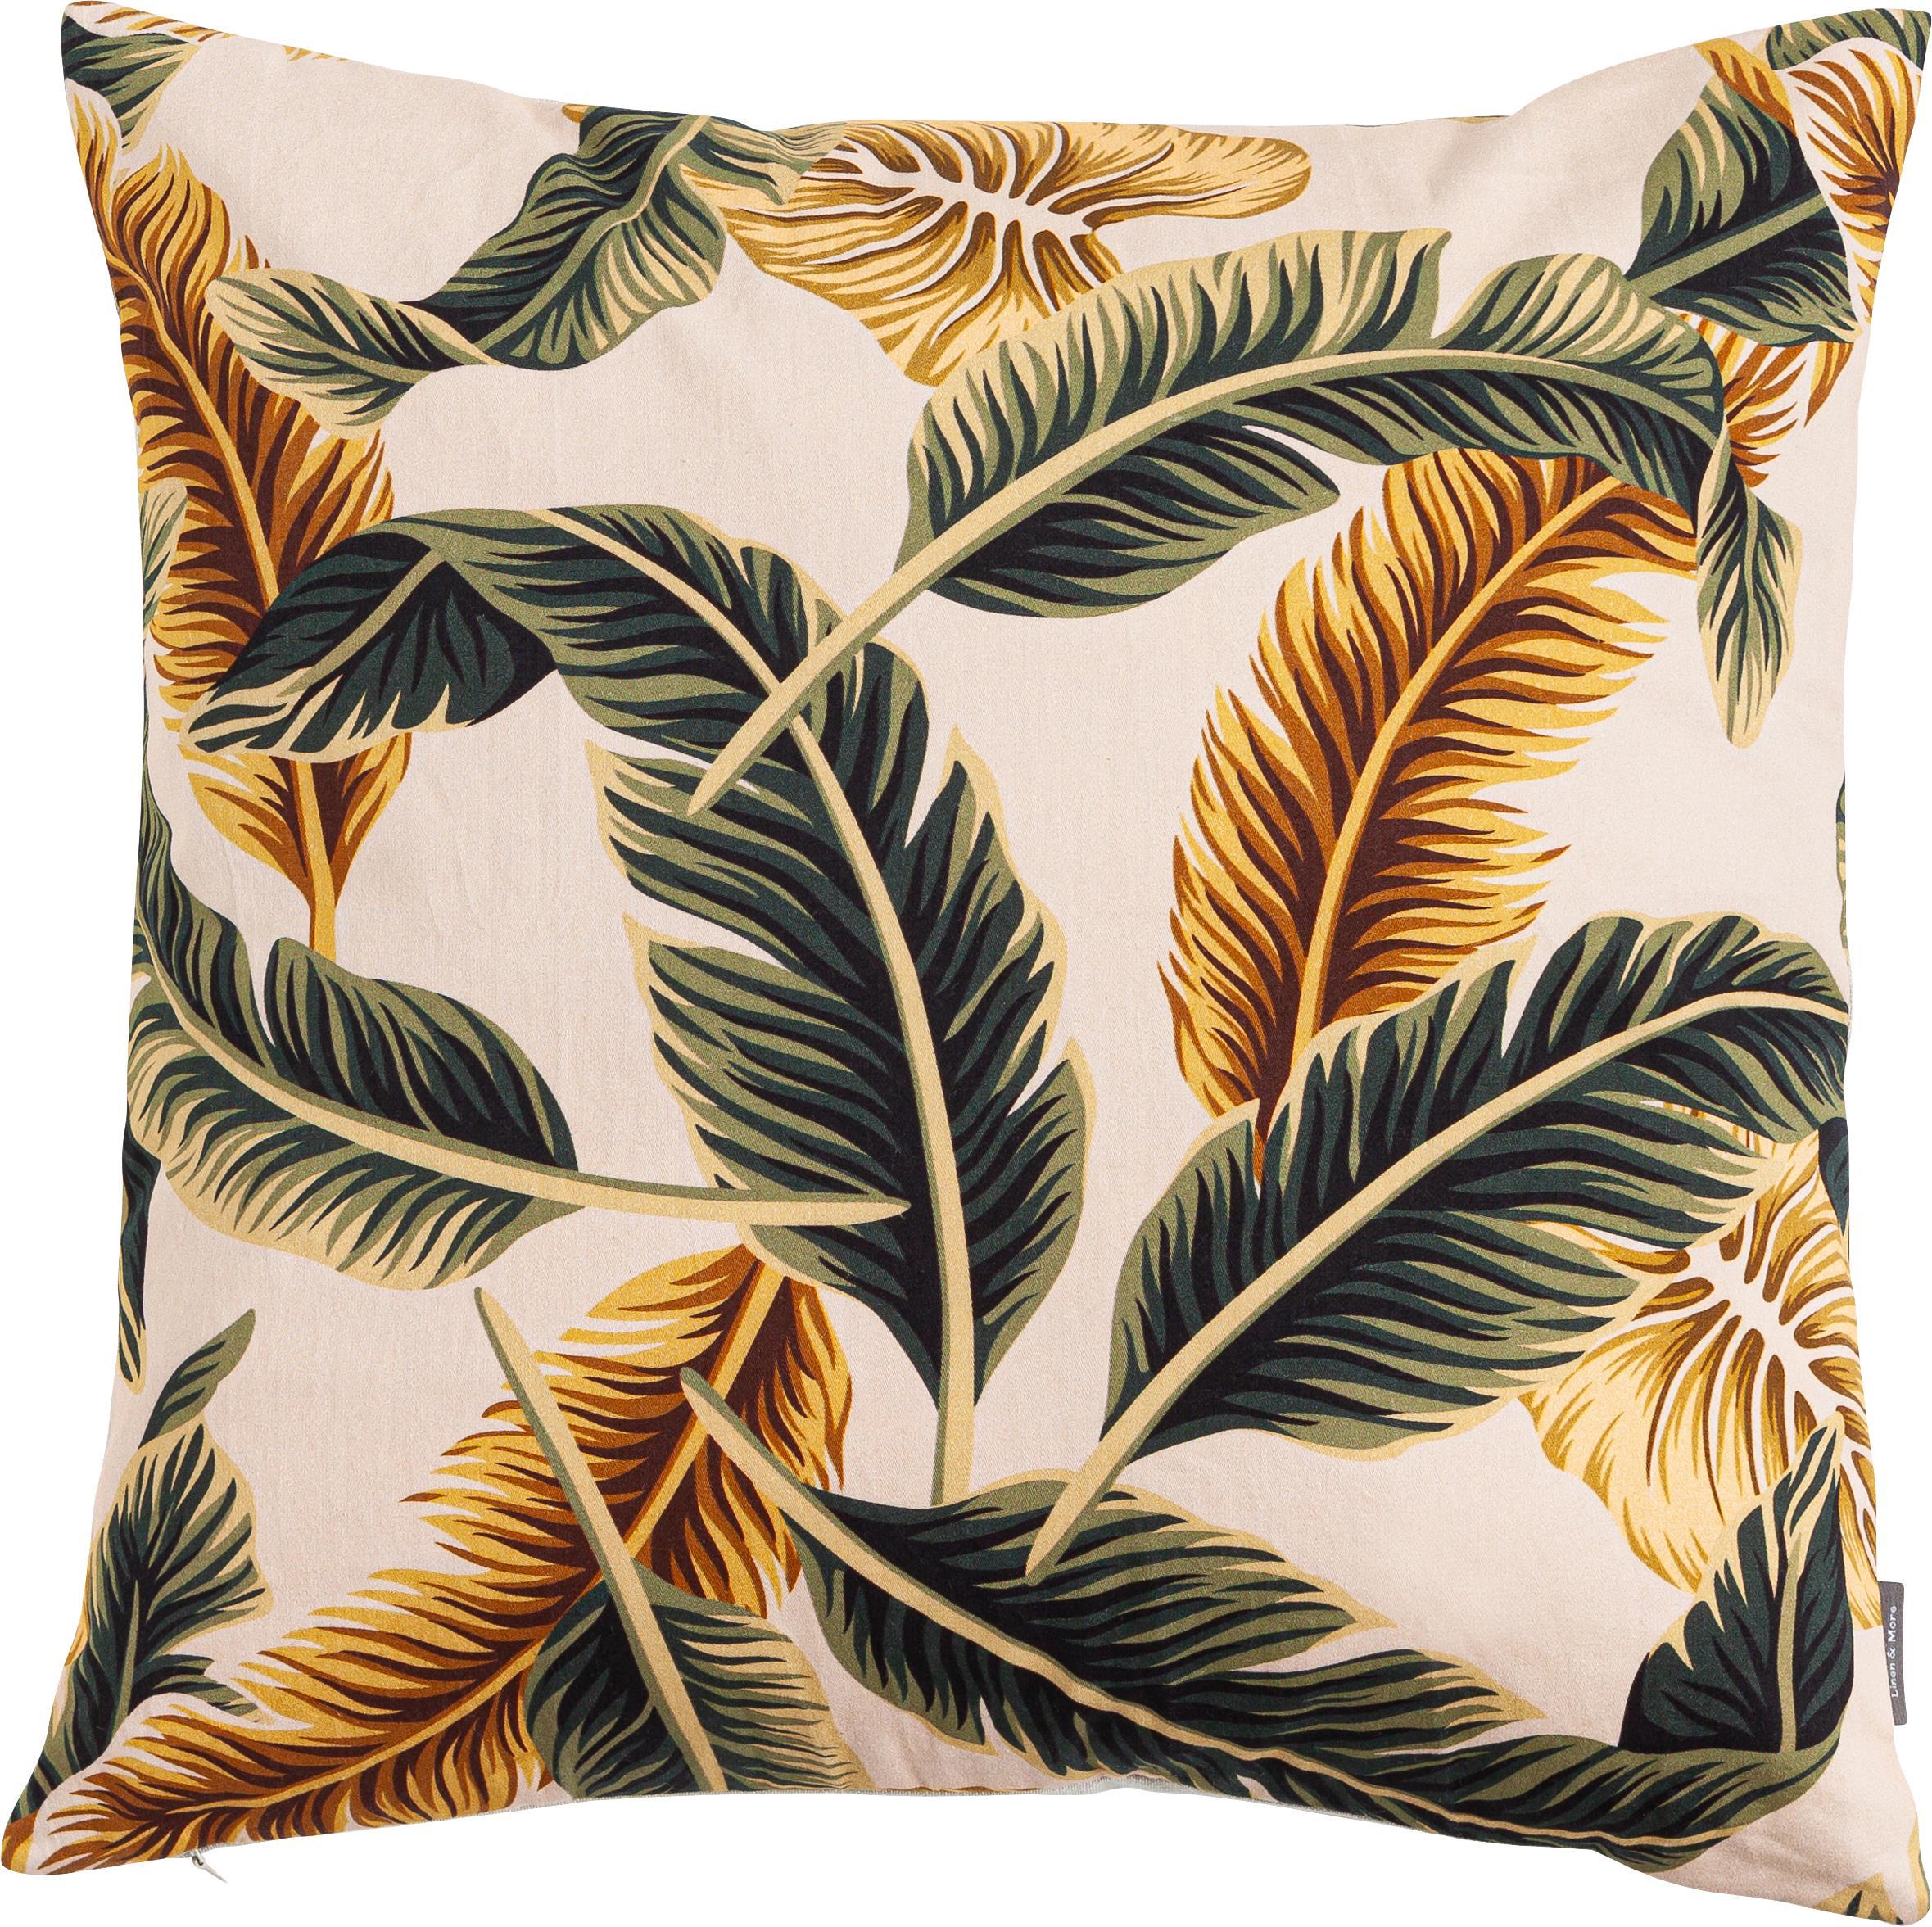 Kissen Elegant Feather, mit Inlett, 100% Baumwolle, Beige, Grün, Goldgelb, 45 x 45 cm